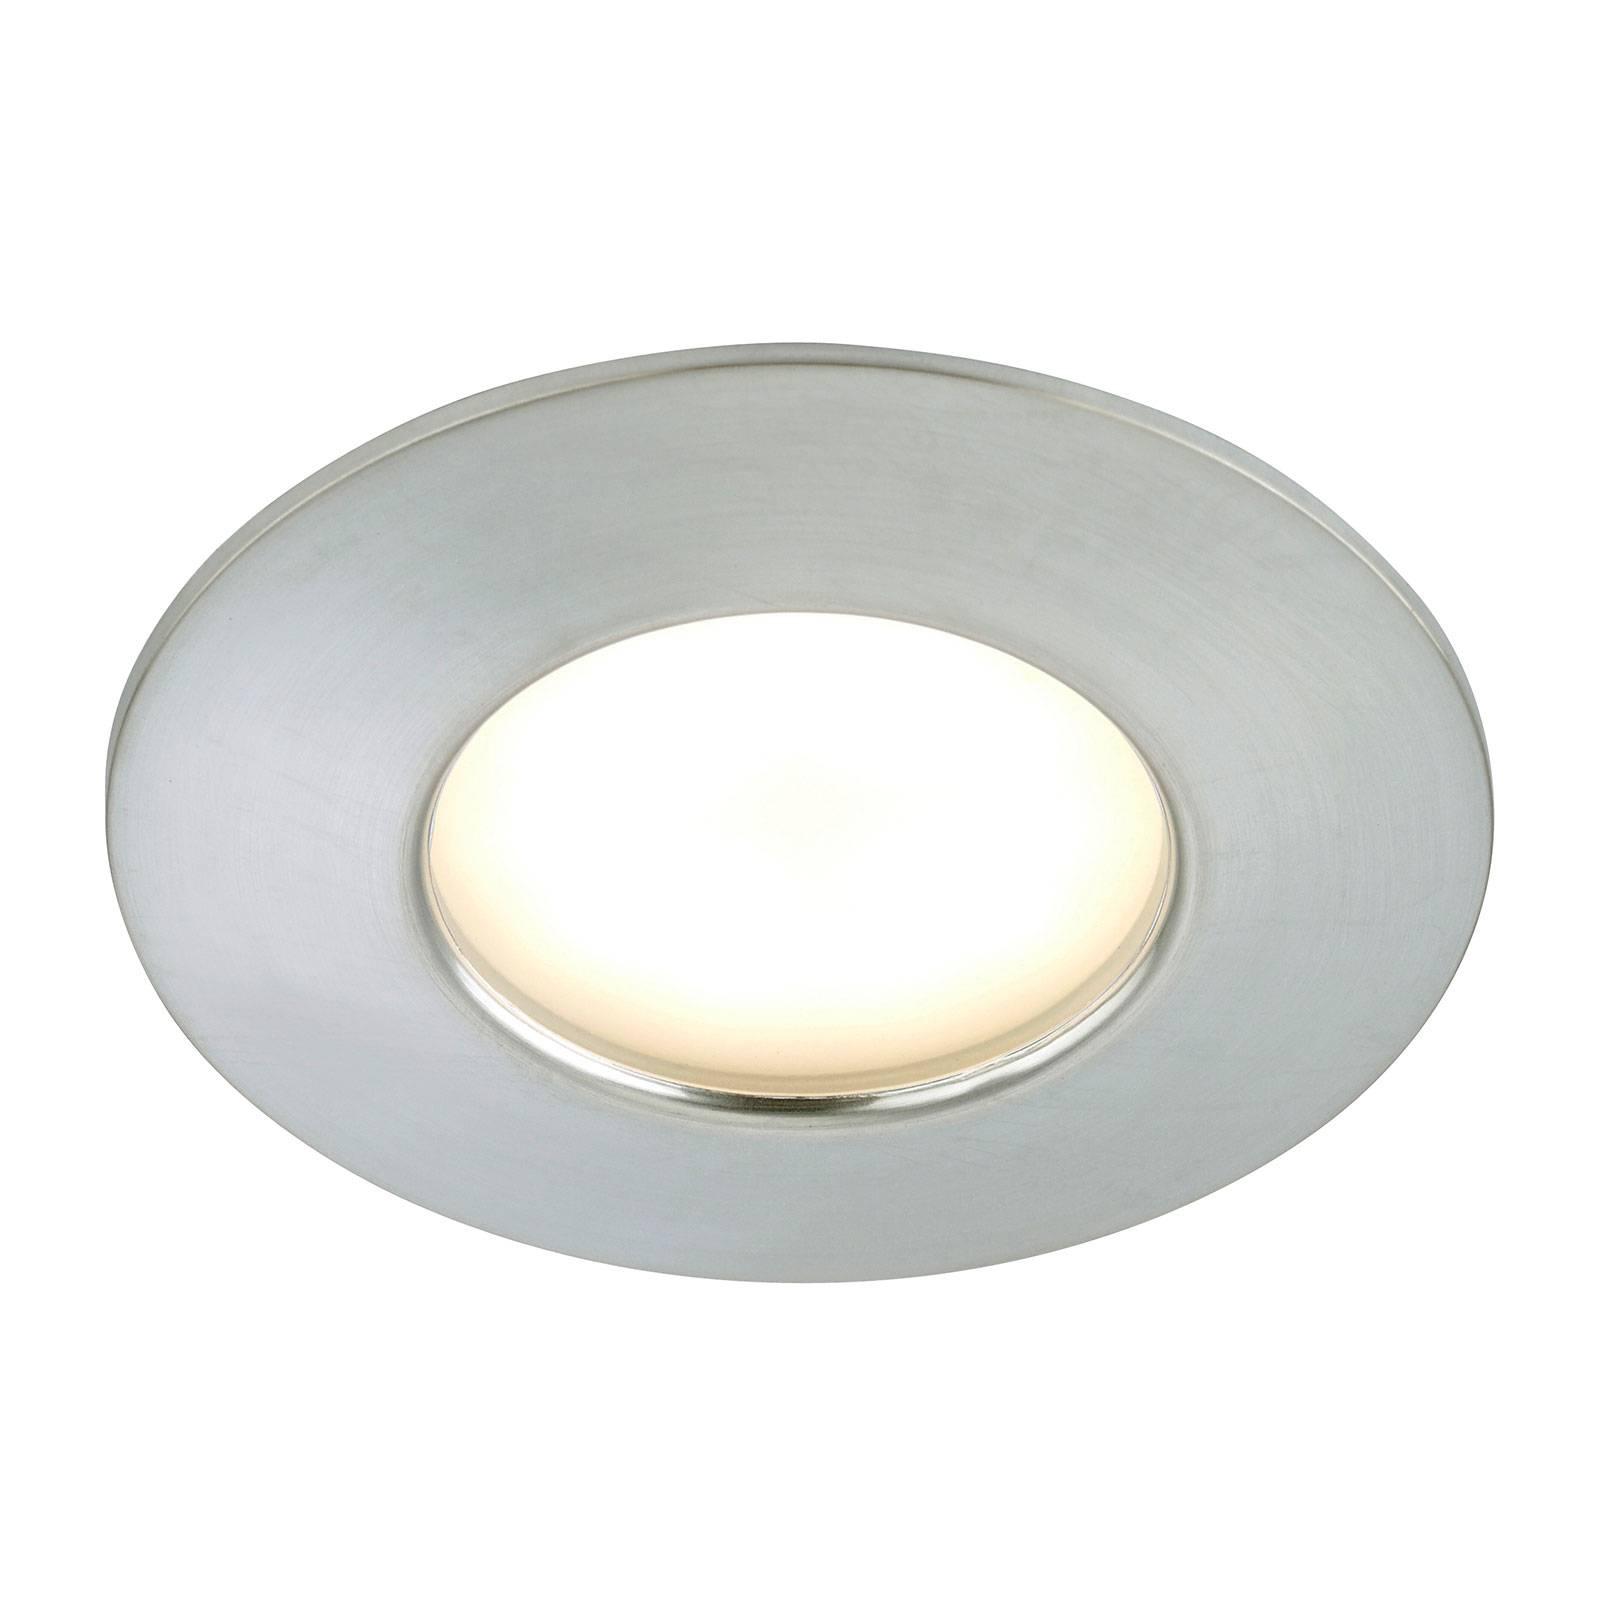 Alumiininvärinen Felia-LED-uppovalaisin, IP44